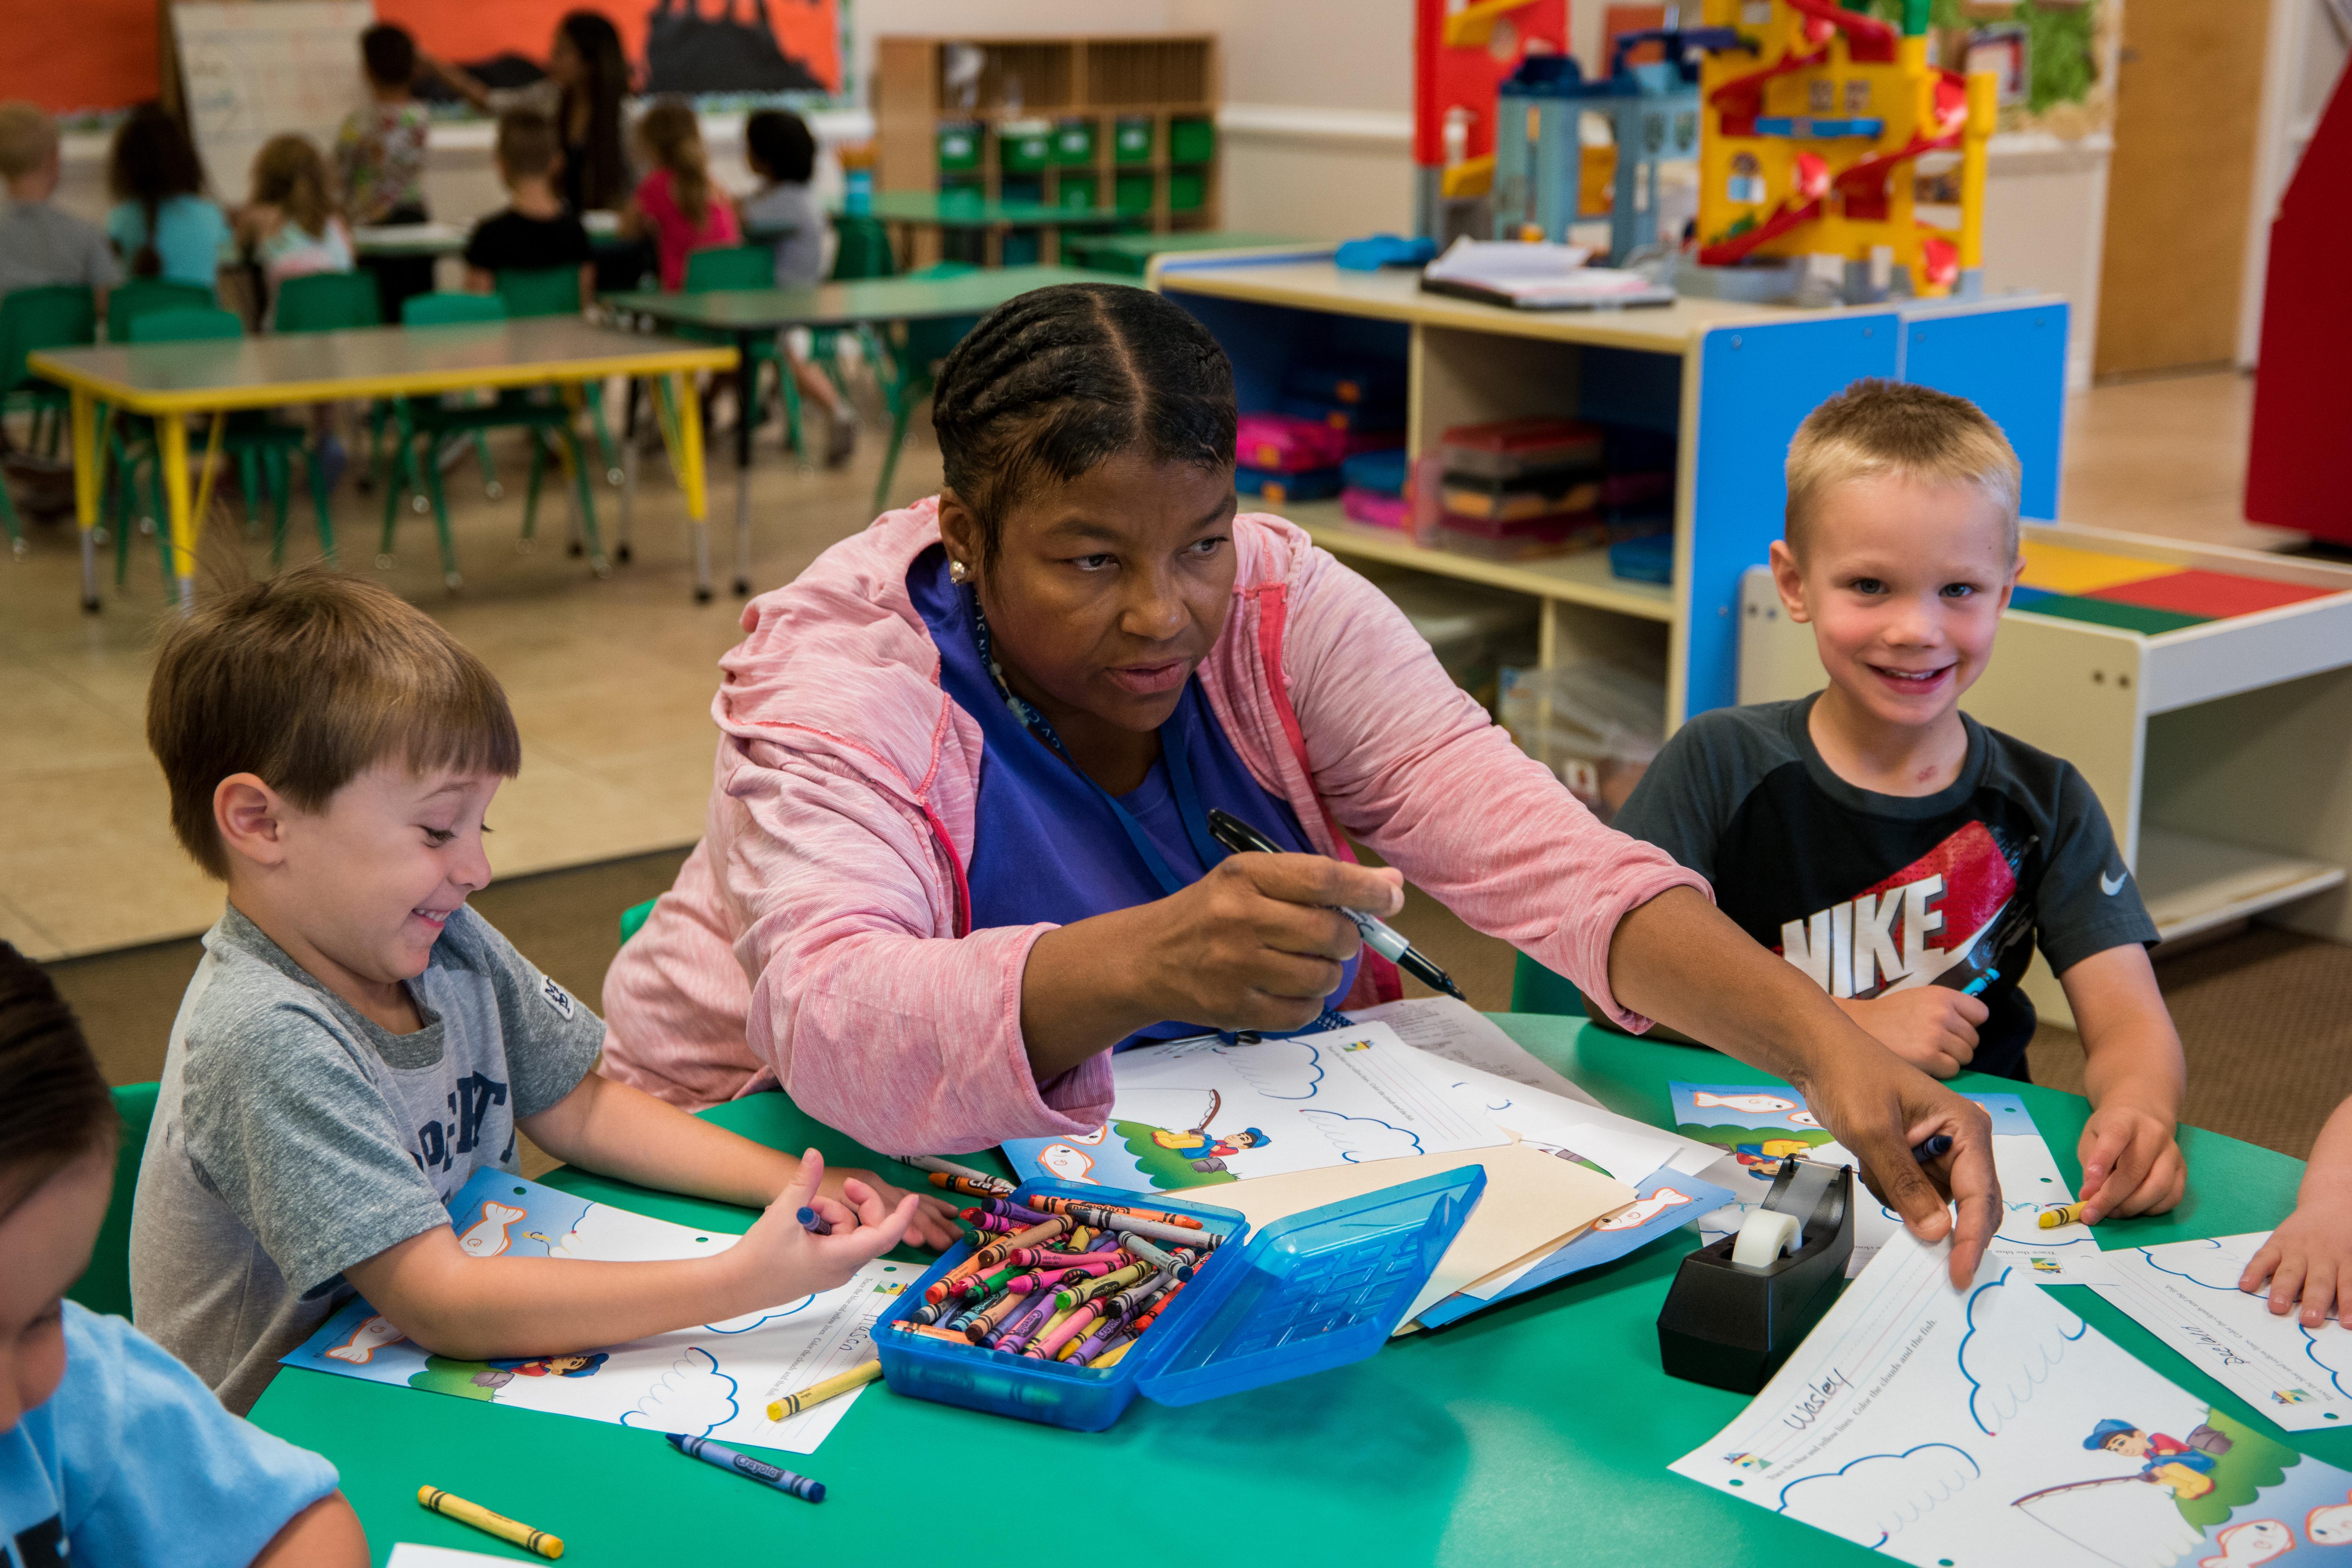 Kinder Prep Learning Station